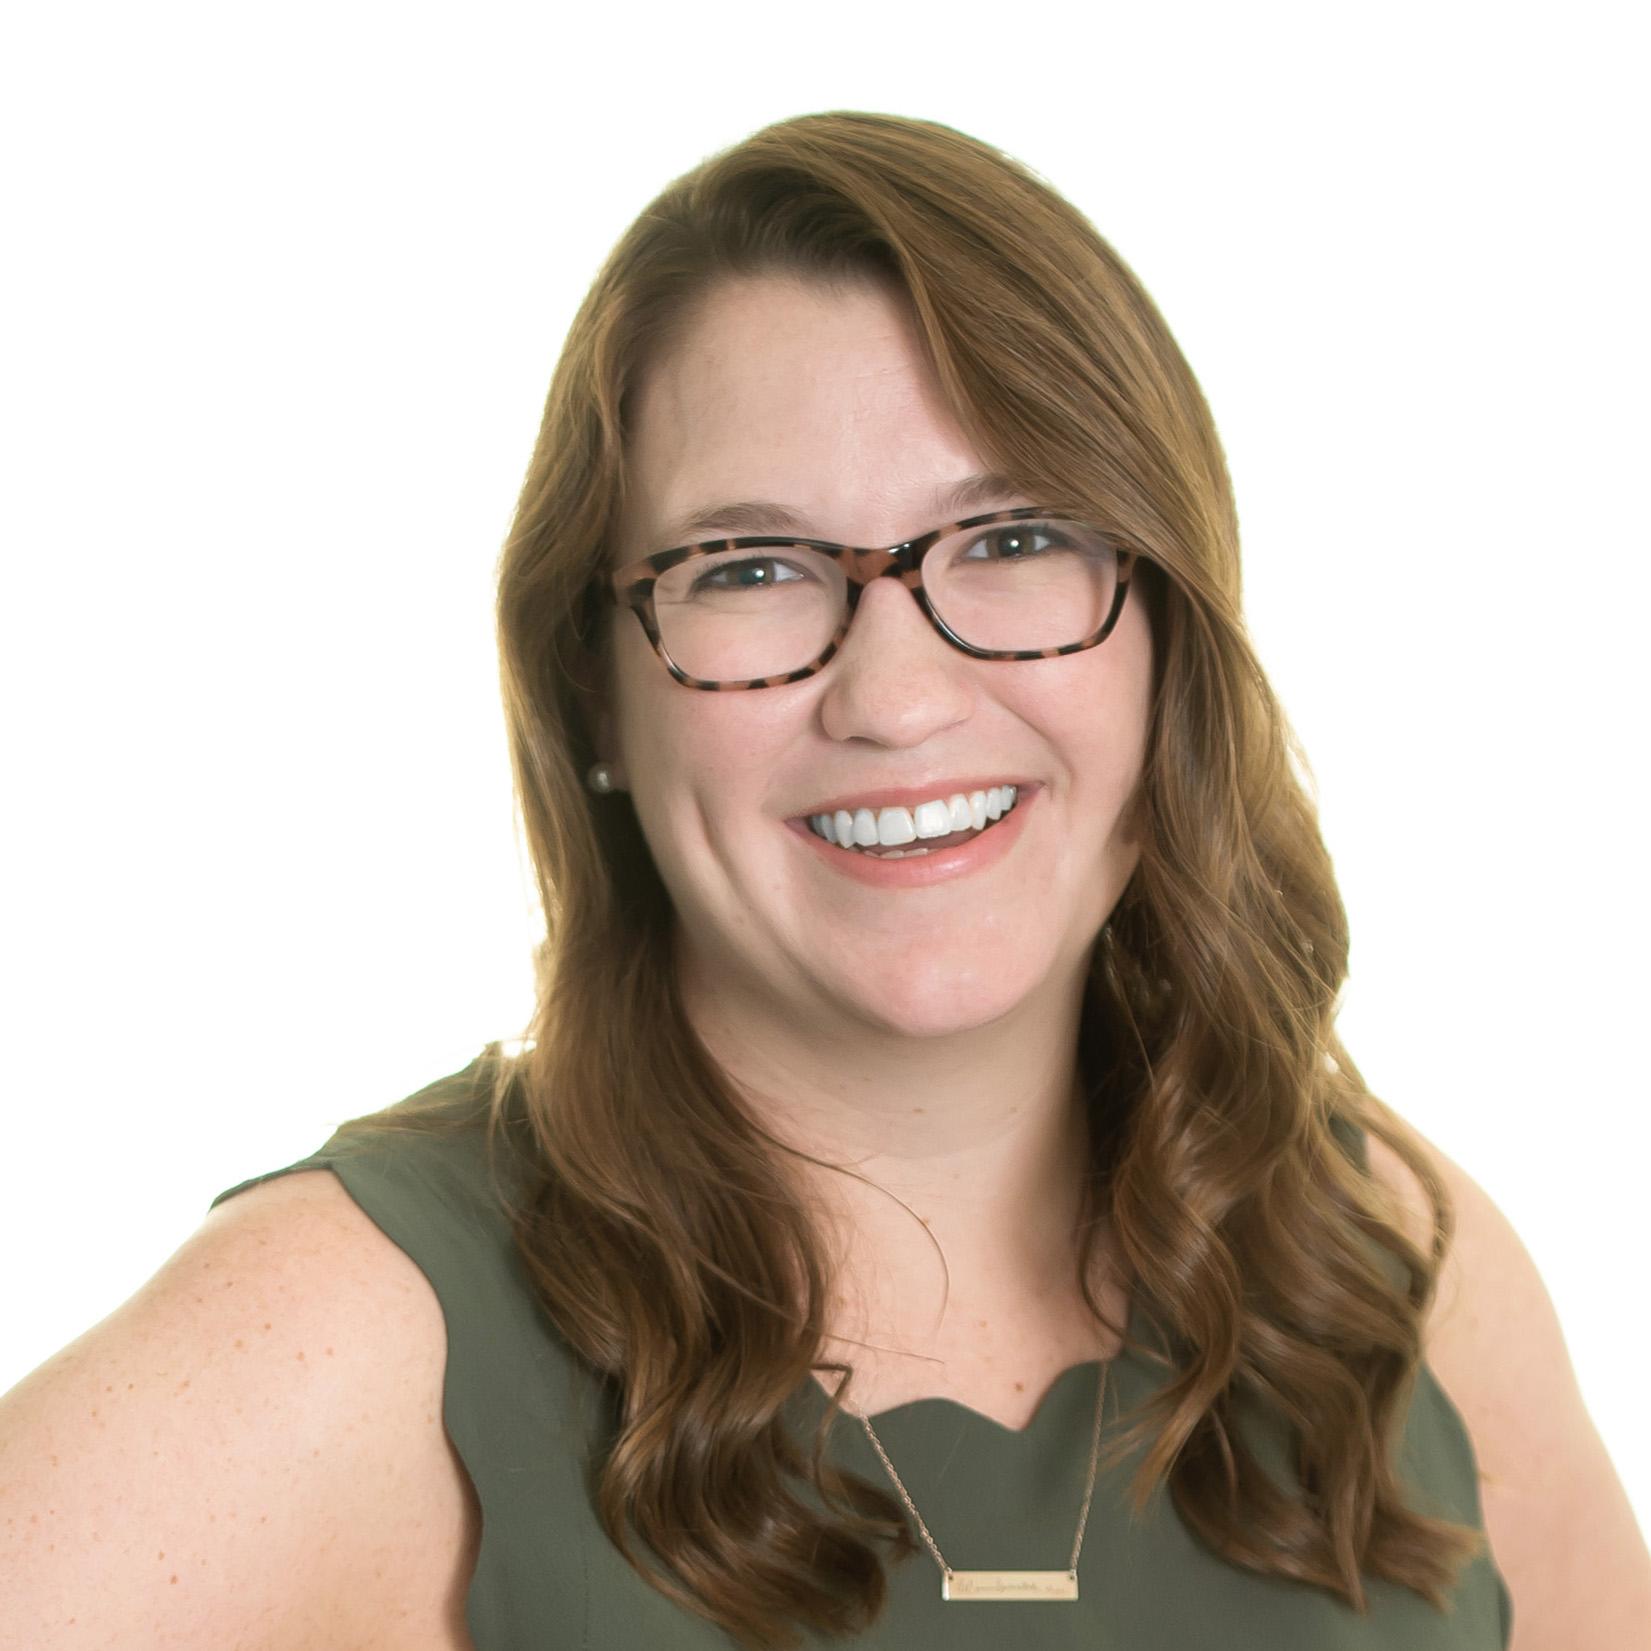 Rachel Shearer